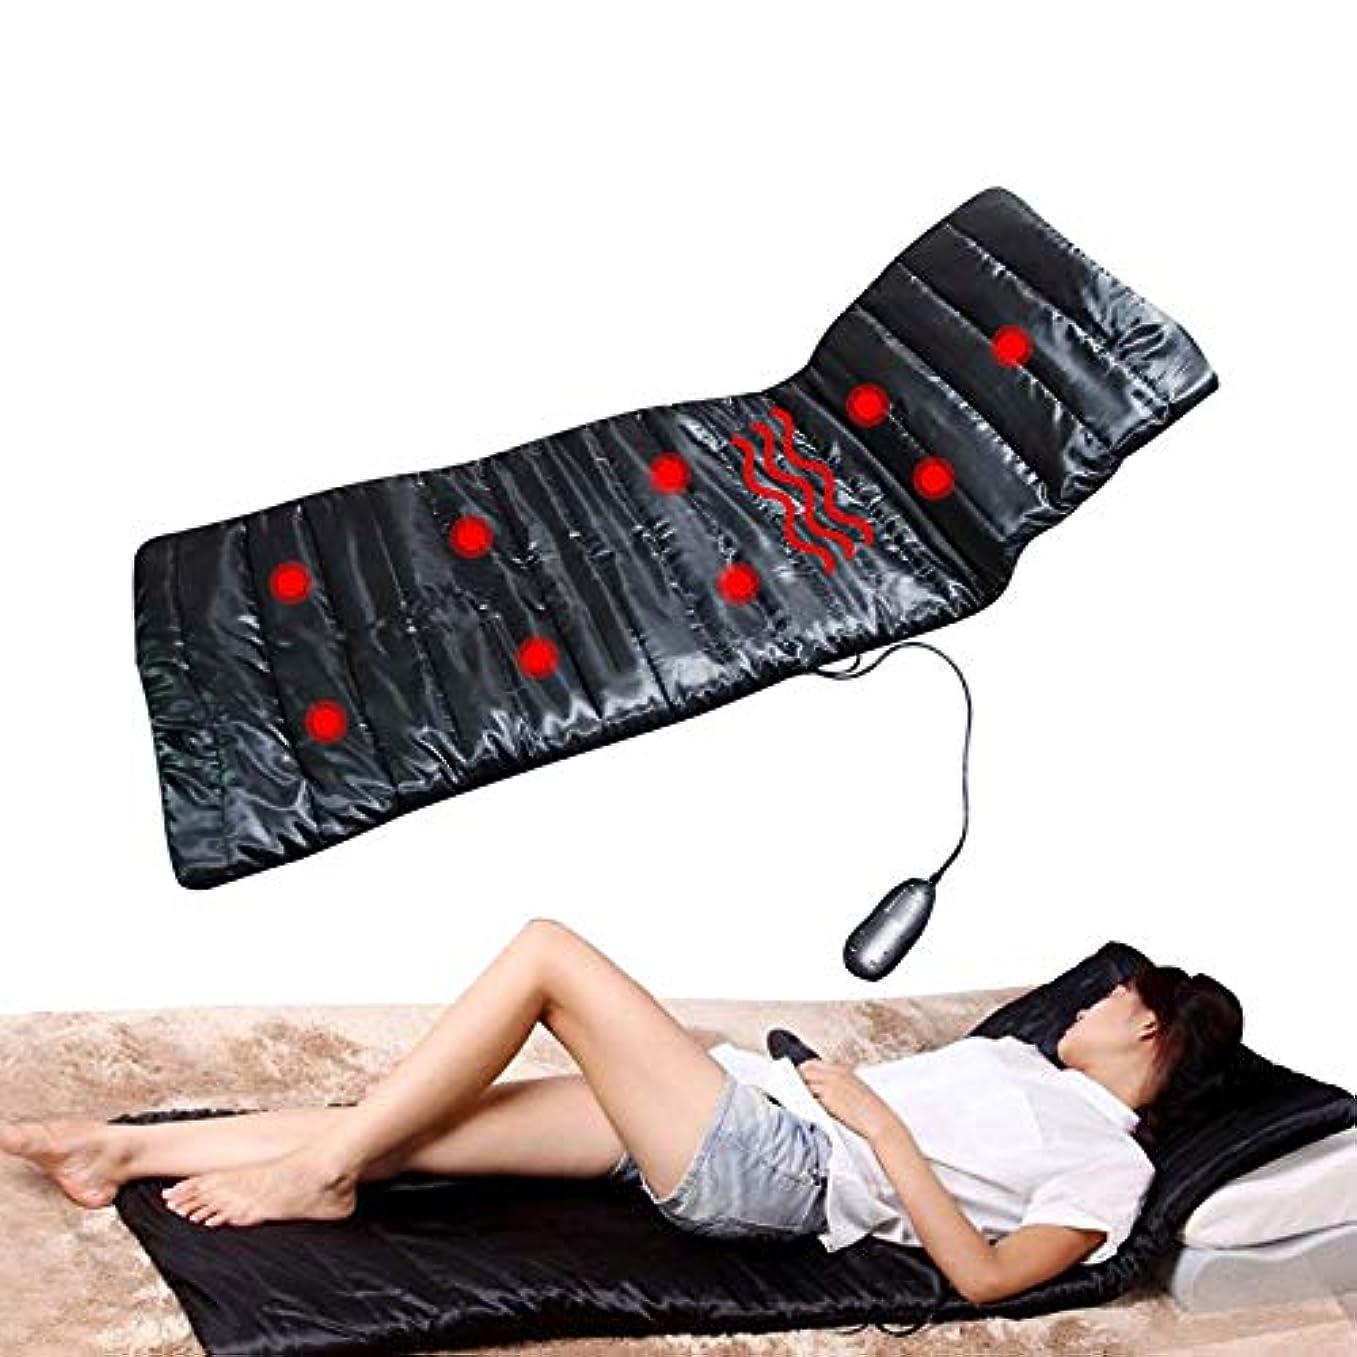 マッサージマットレス暖房振動マッサージスナイパー羽ばたき体の痛みボディマッサージネックバックウエストレッグマッサージ